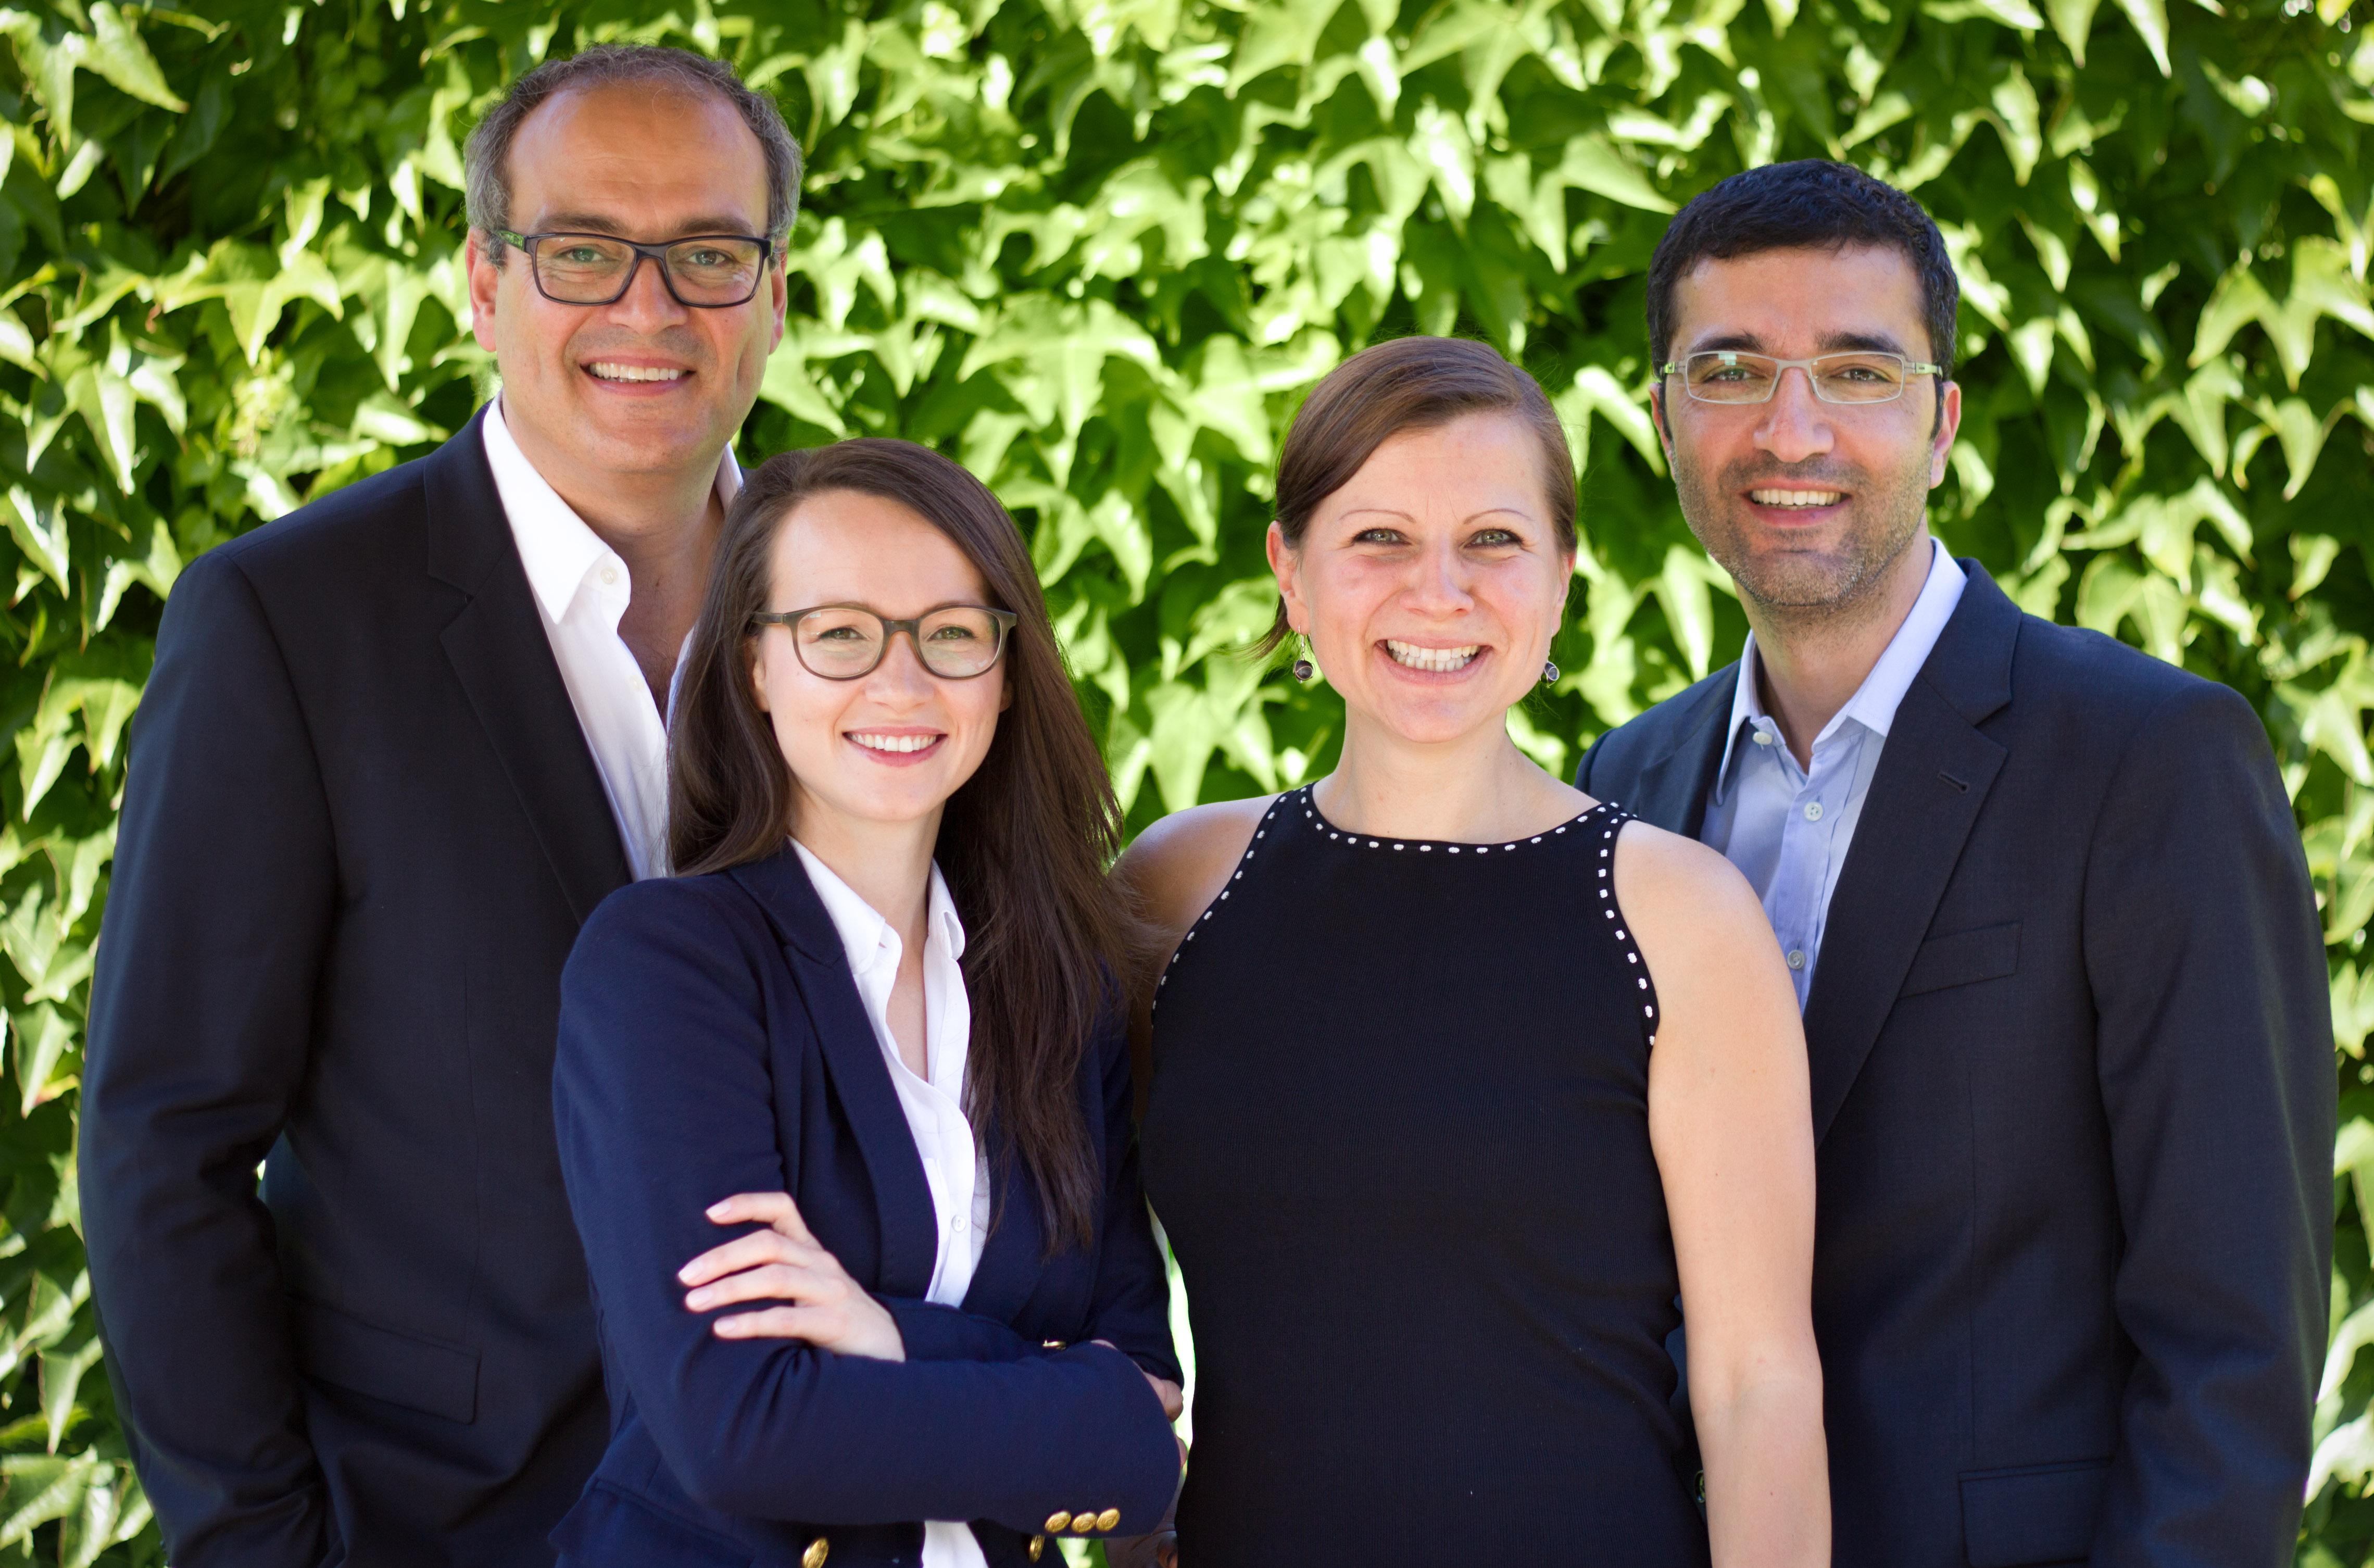 Puropharm-Team mit Dr. Gabriela Hoppe | Erfolg durch Ernährung | Ernährungsspezialistin & Heilpraktikerin